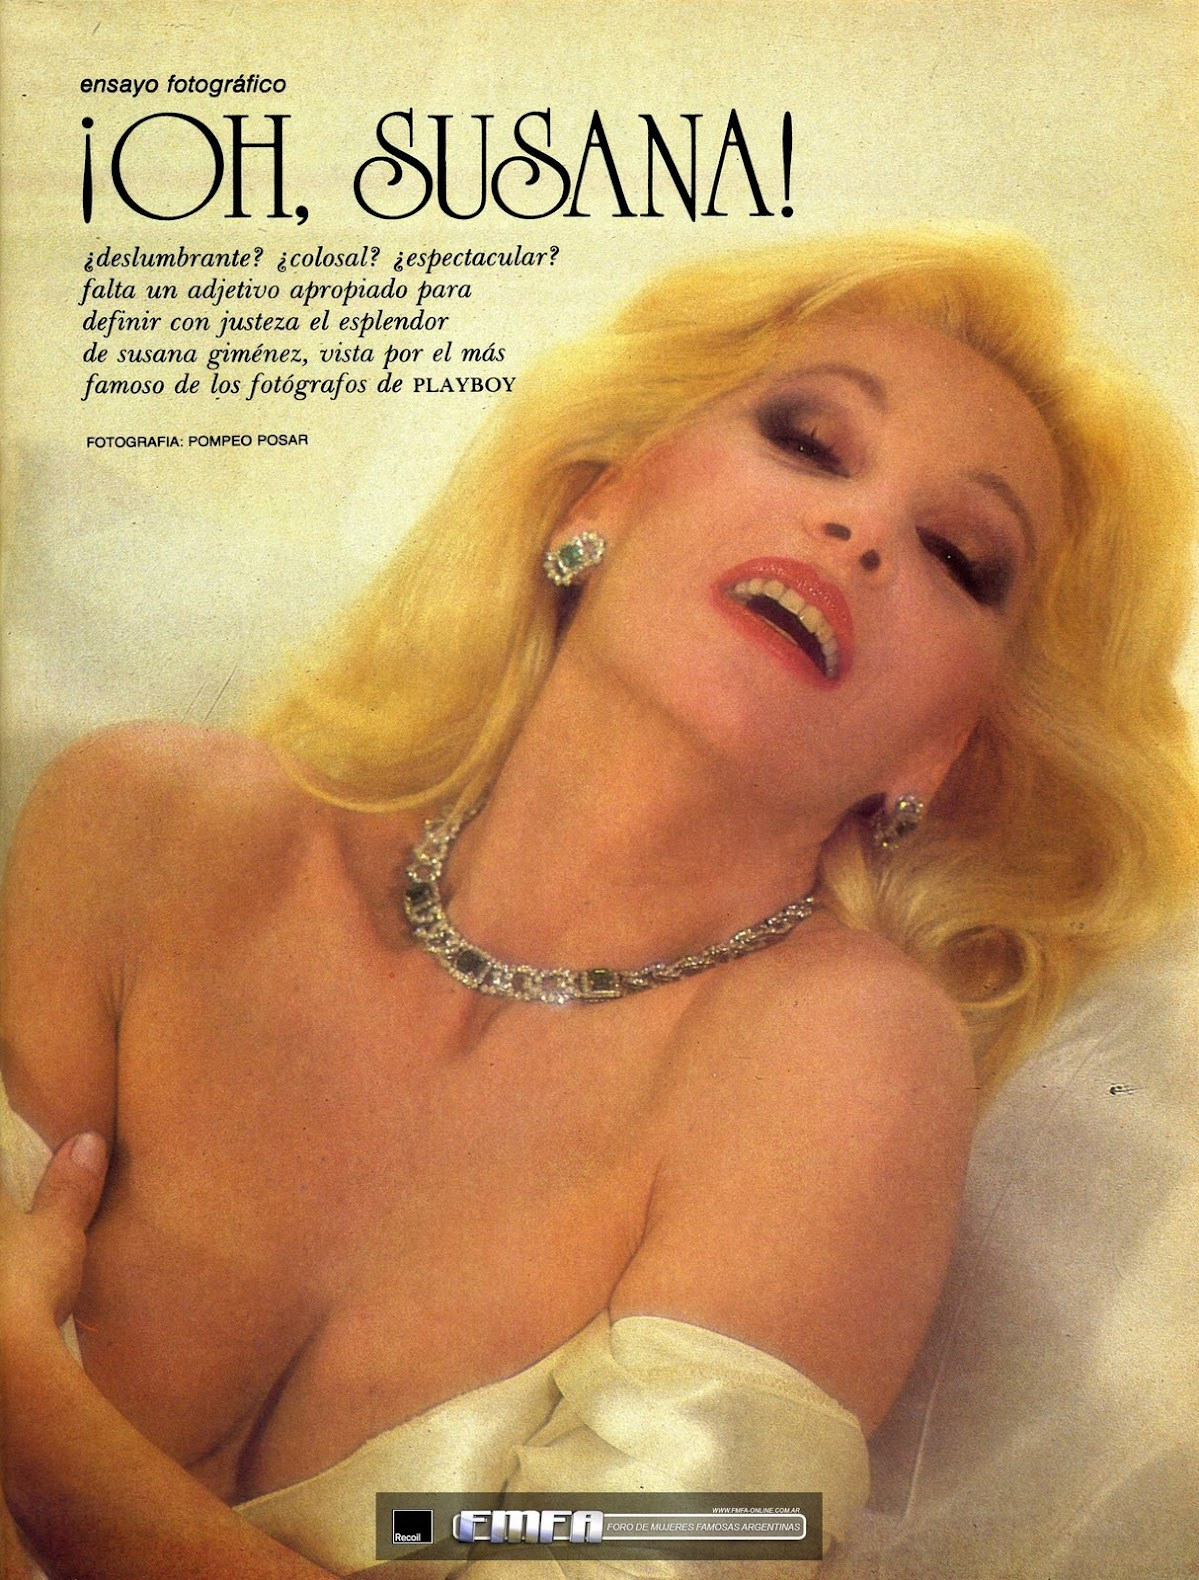 http://3.bp.blogspot.com/_zDl54oPKf_8/SUs-VnyrycI/AAAAAAAAETo/-SagWwLPoGE/s1580/71287_Susana_Gimenez_Playboy_2_123_105lo.jpg